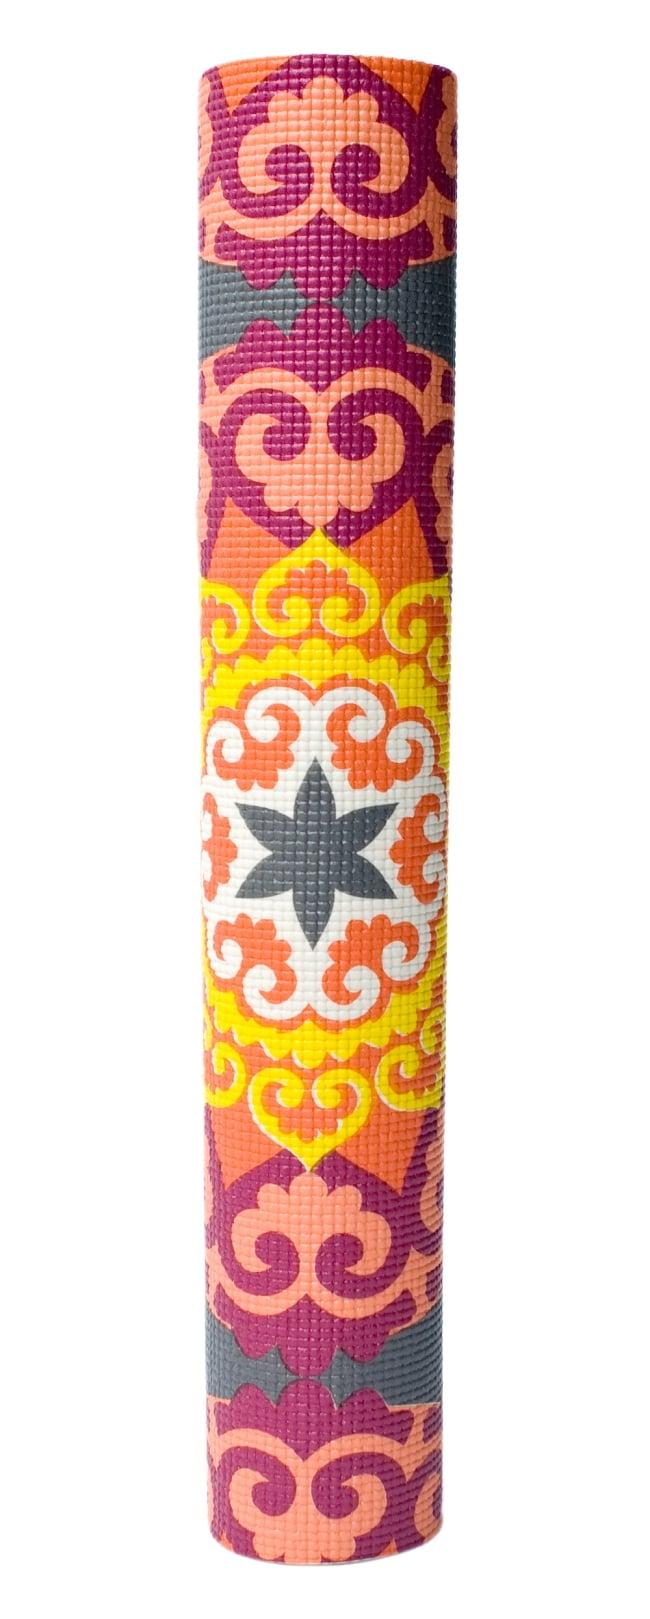 エスニック インド マンダラ柄ヨガマット(5mm) - ピンク・オレンジ 6 - 丸めてお部屋に置いておくだけでも嬉しくなってしまう可愛さです!